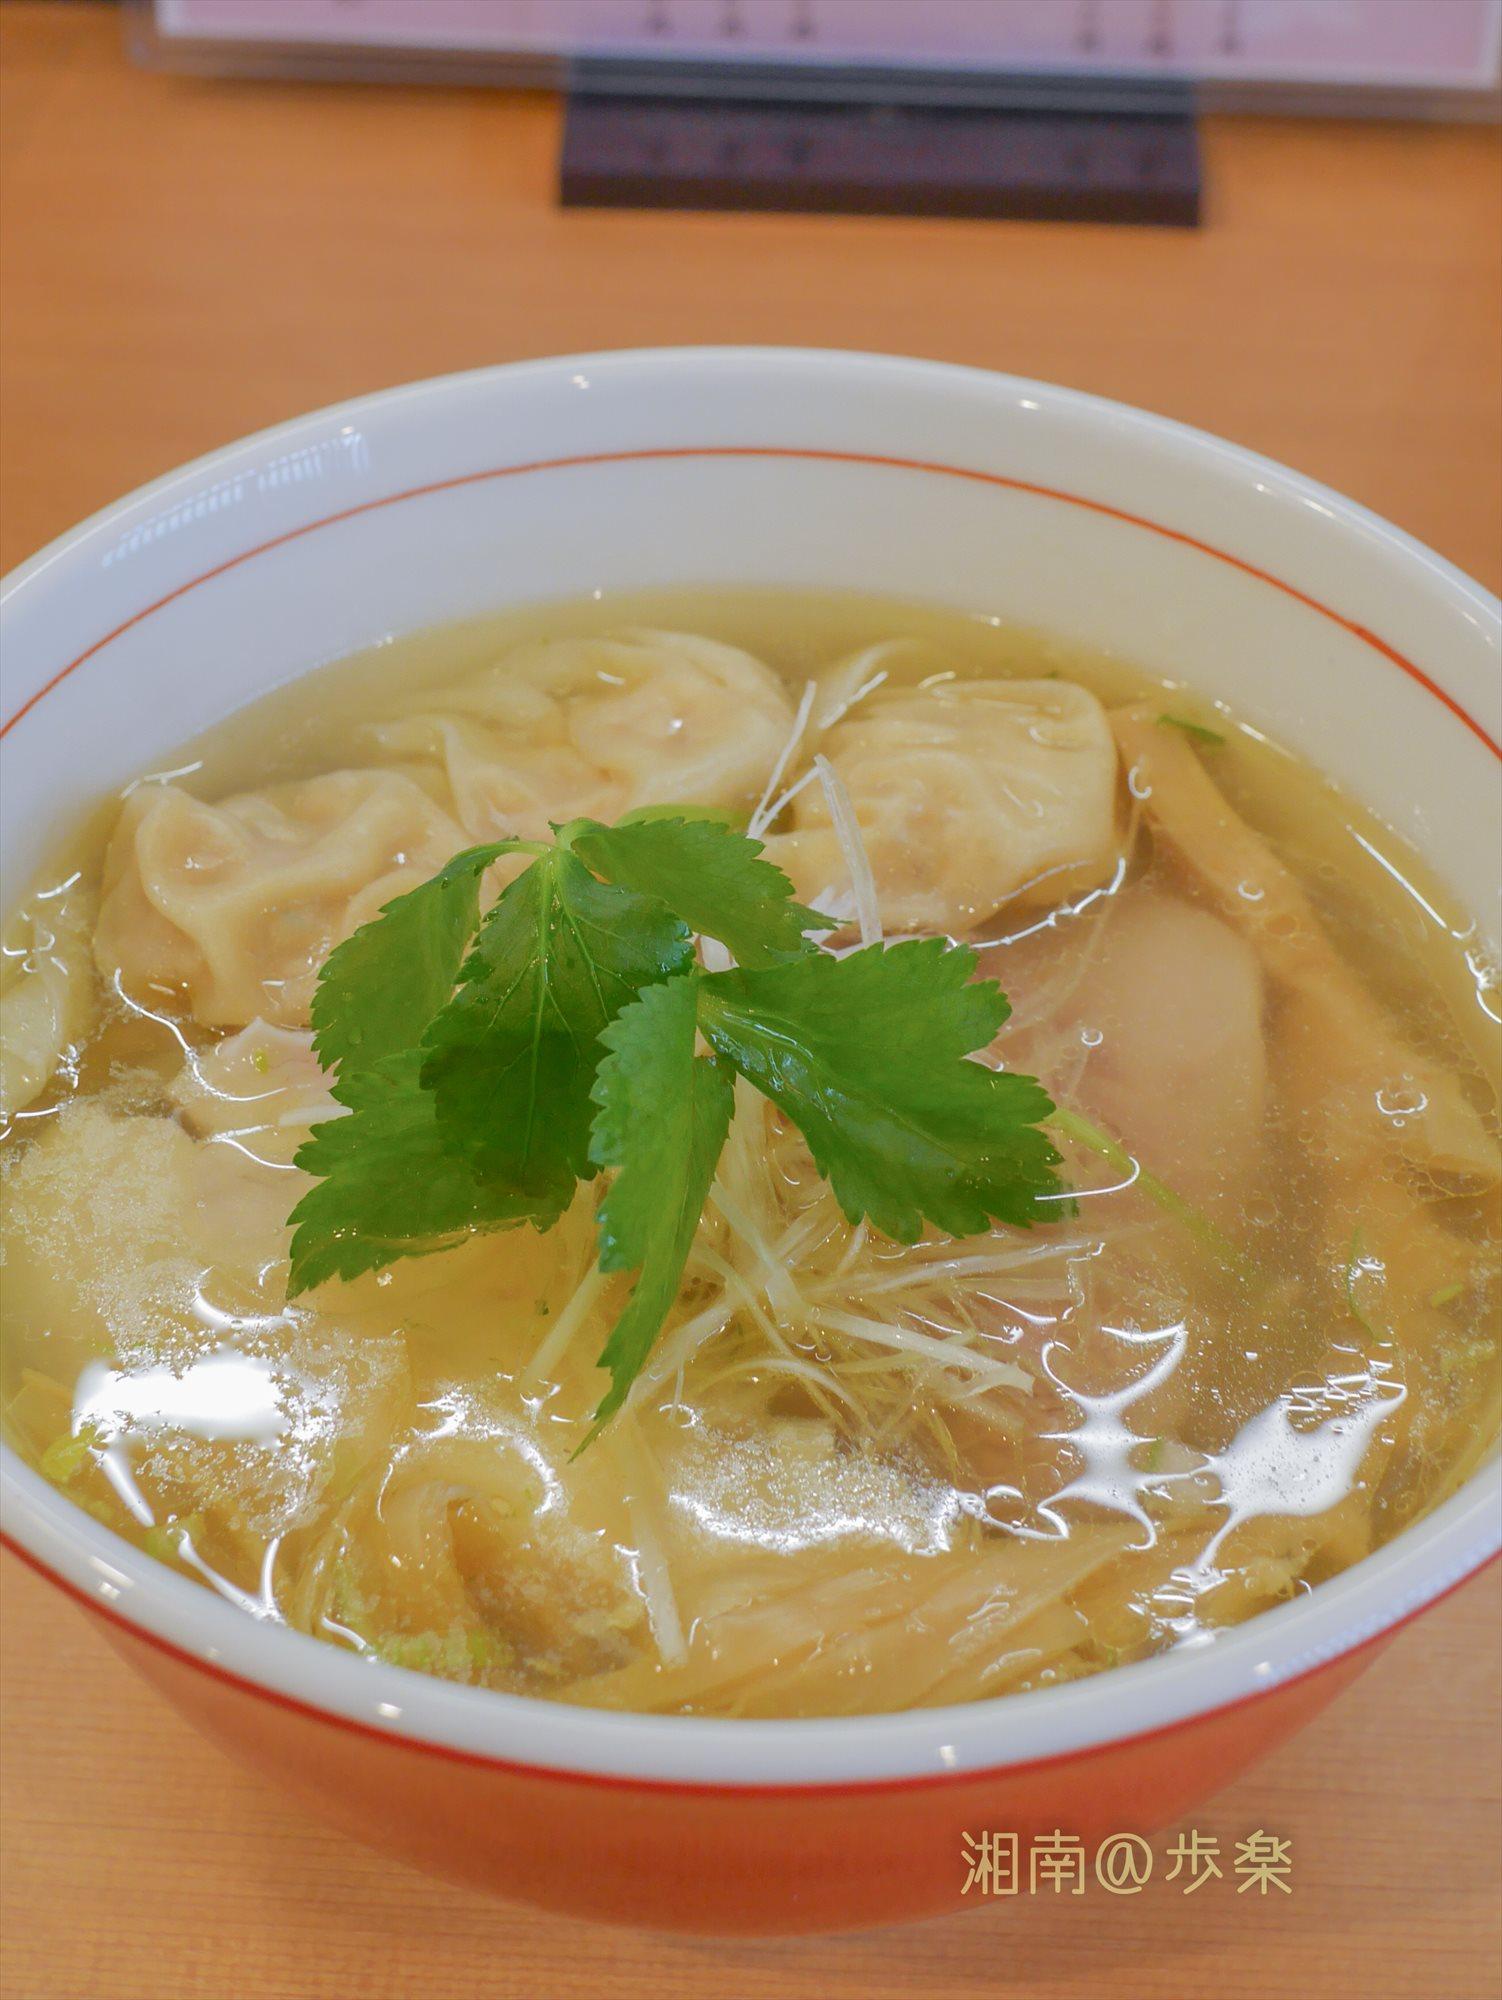 白髪葱と三つ葉・黄金スープのコントラストは美しい